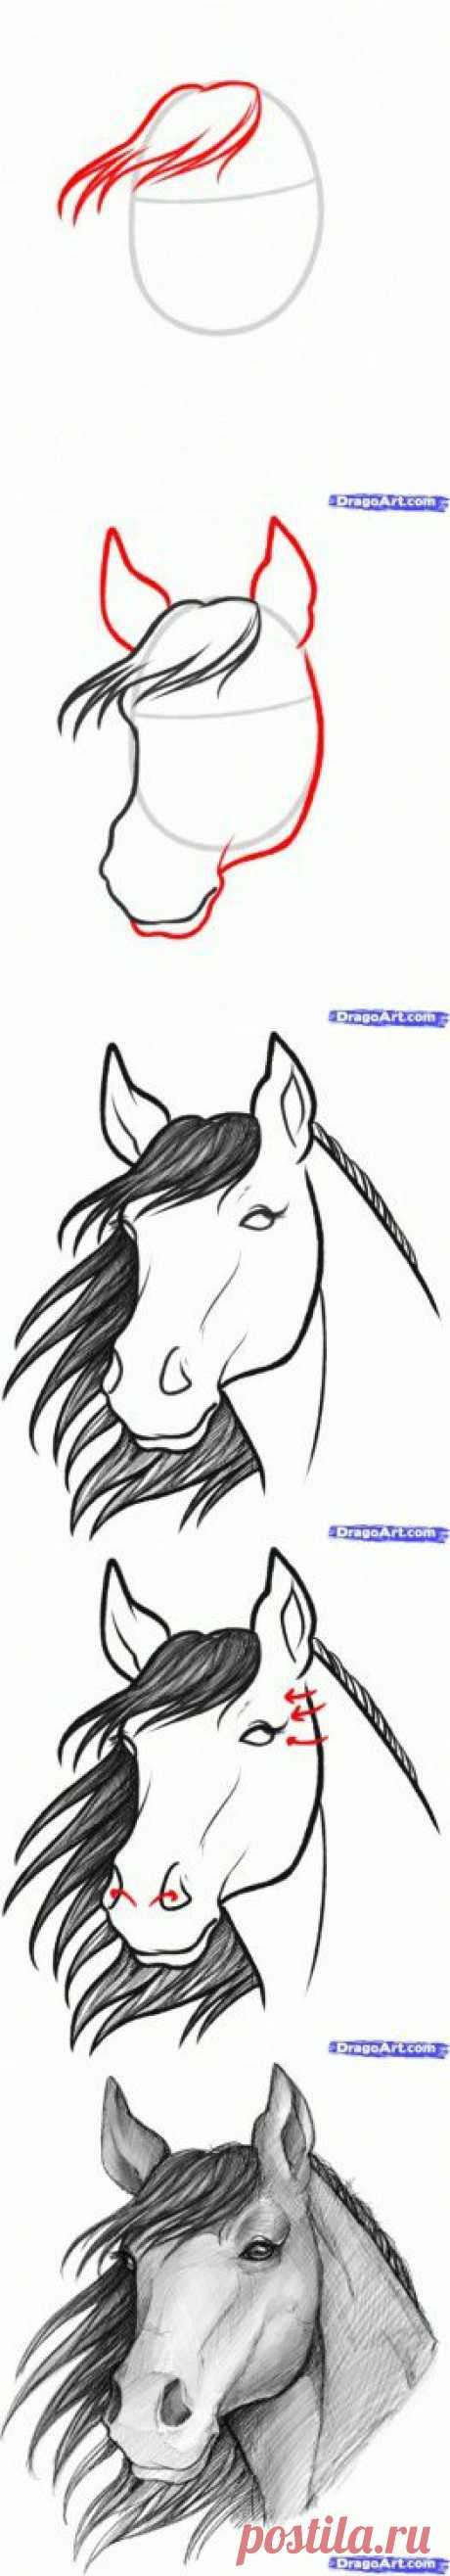 Как нарисовать лошадь.   Творческие мастер-классы по рукоделию и кулинарии.